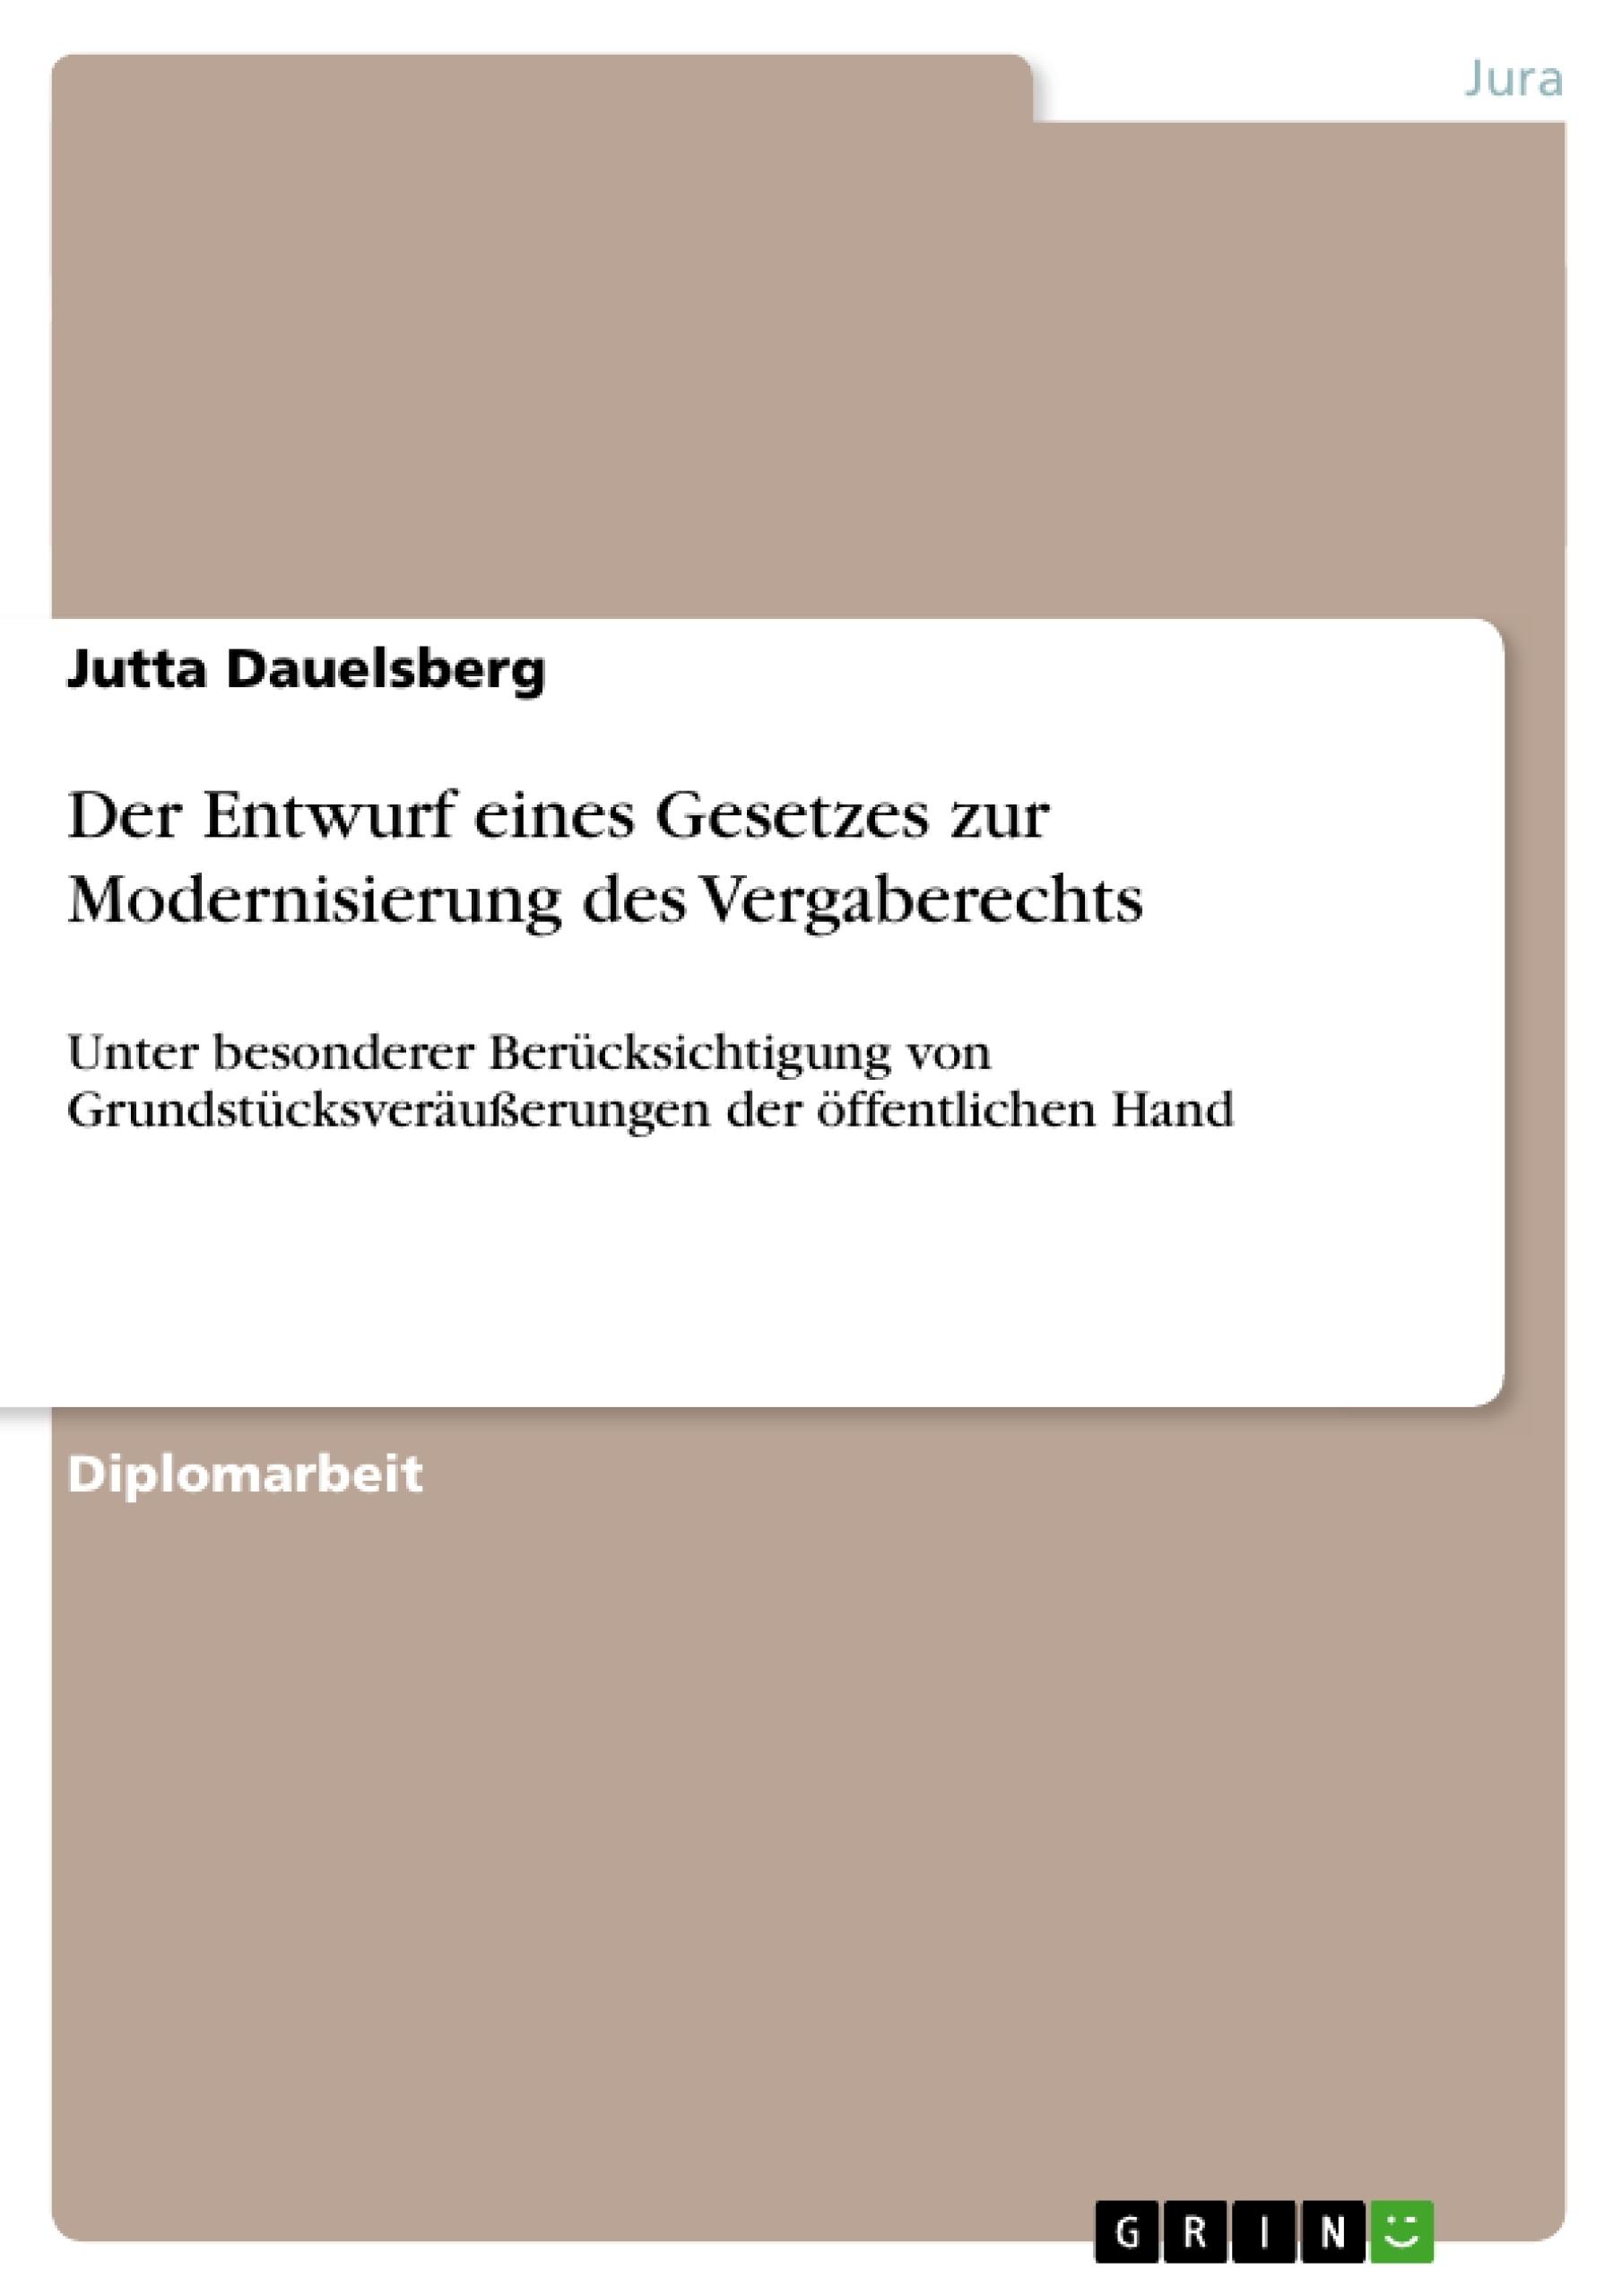 Titel: Der Entwurf eines Gesetzes zur Modernisierung des Vergaberechts